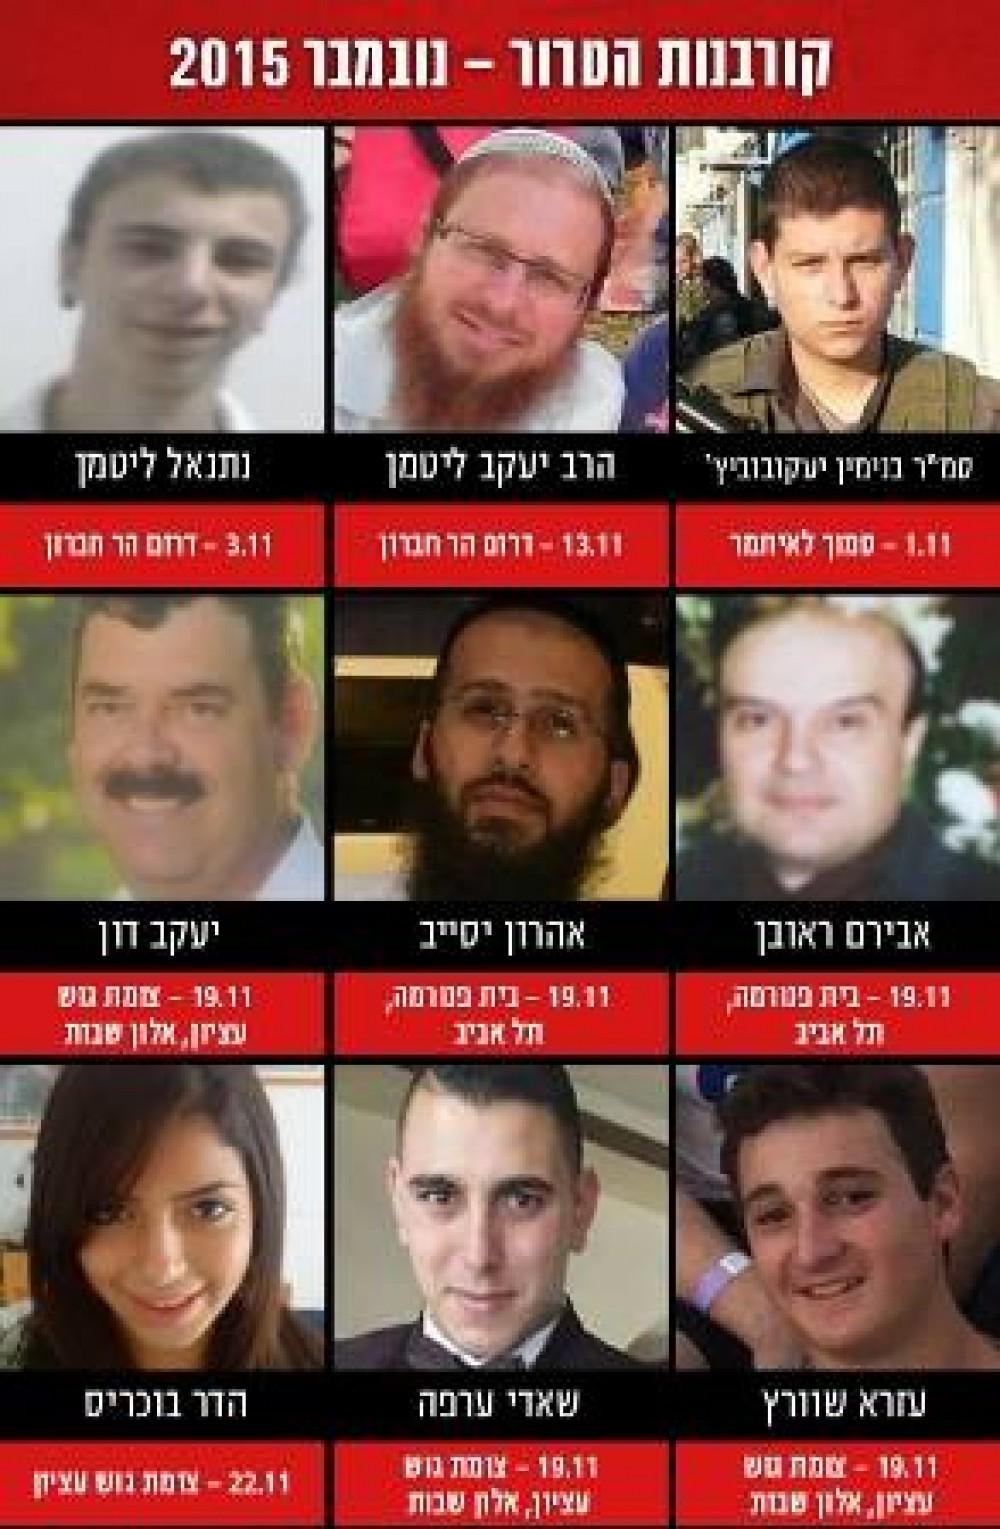 المستوطنين القتلى في عمليات الضفة